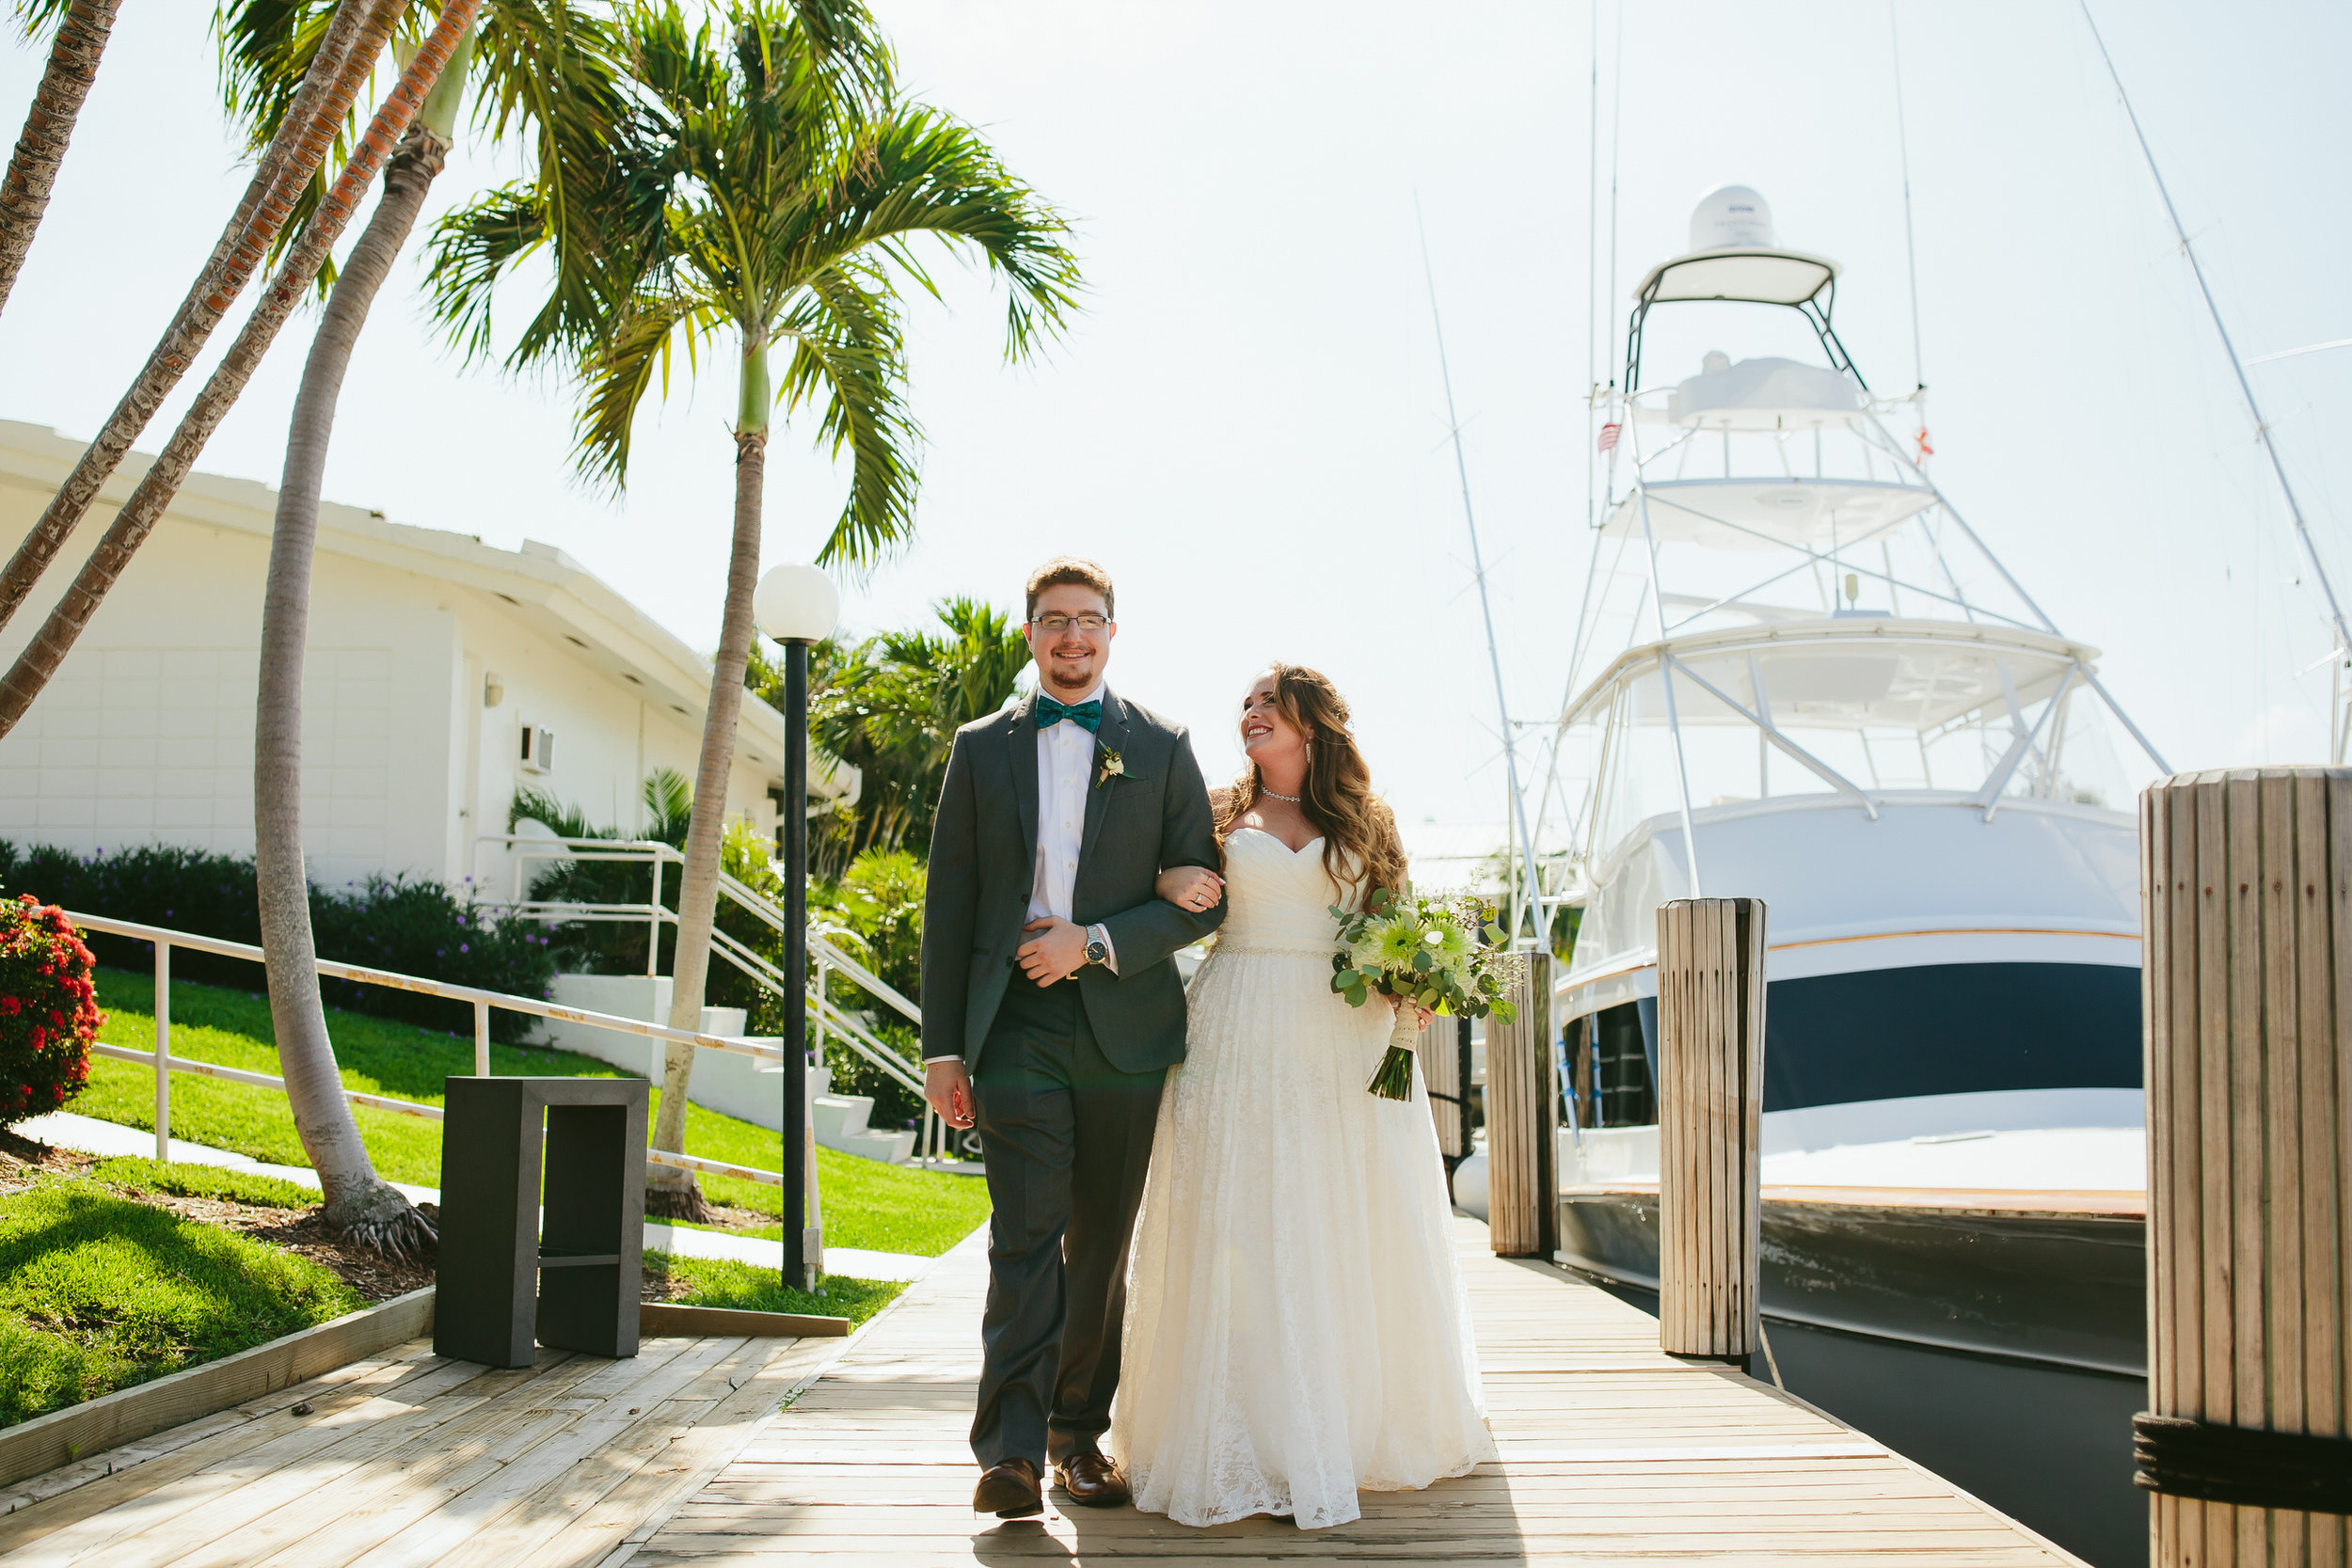 lighthouse_point_yacht_club_wedding_bride_and_groom_portraits_steph_lynn_photo-14.jpg